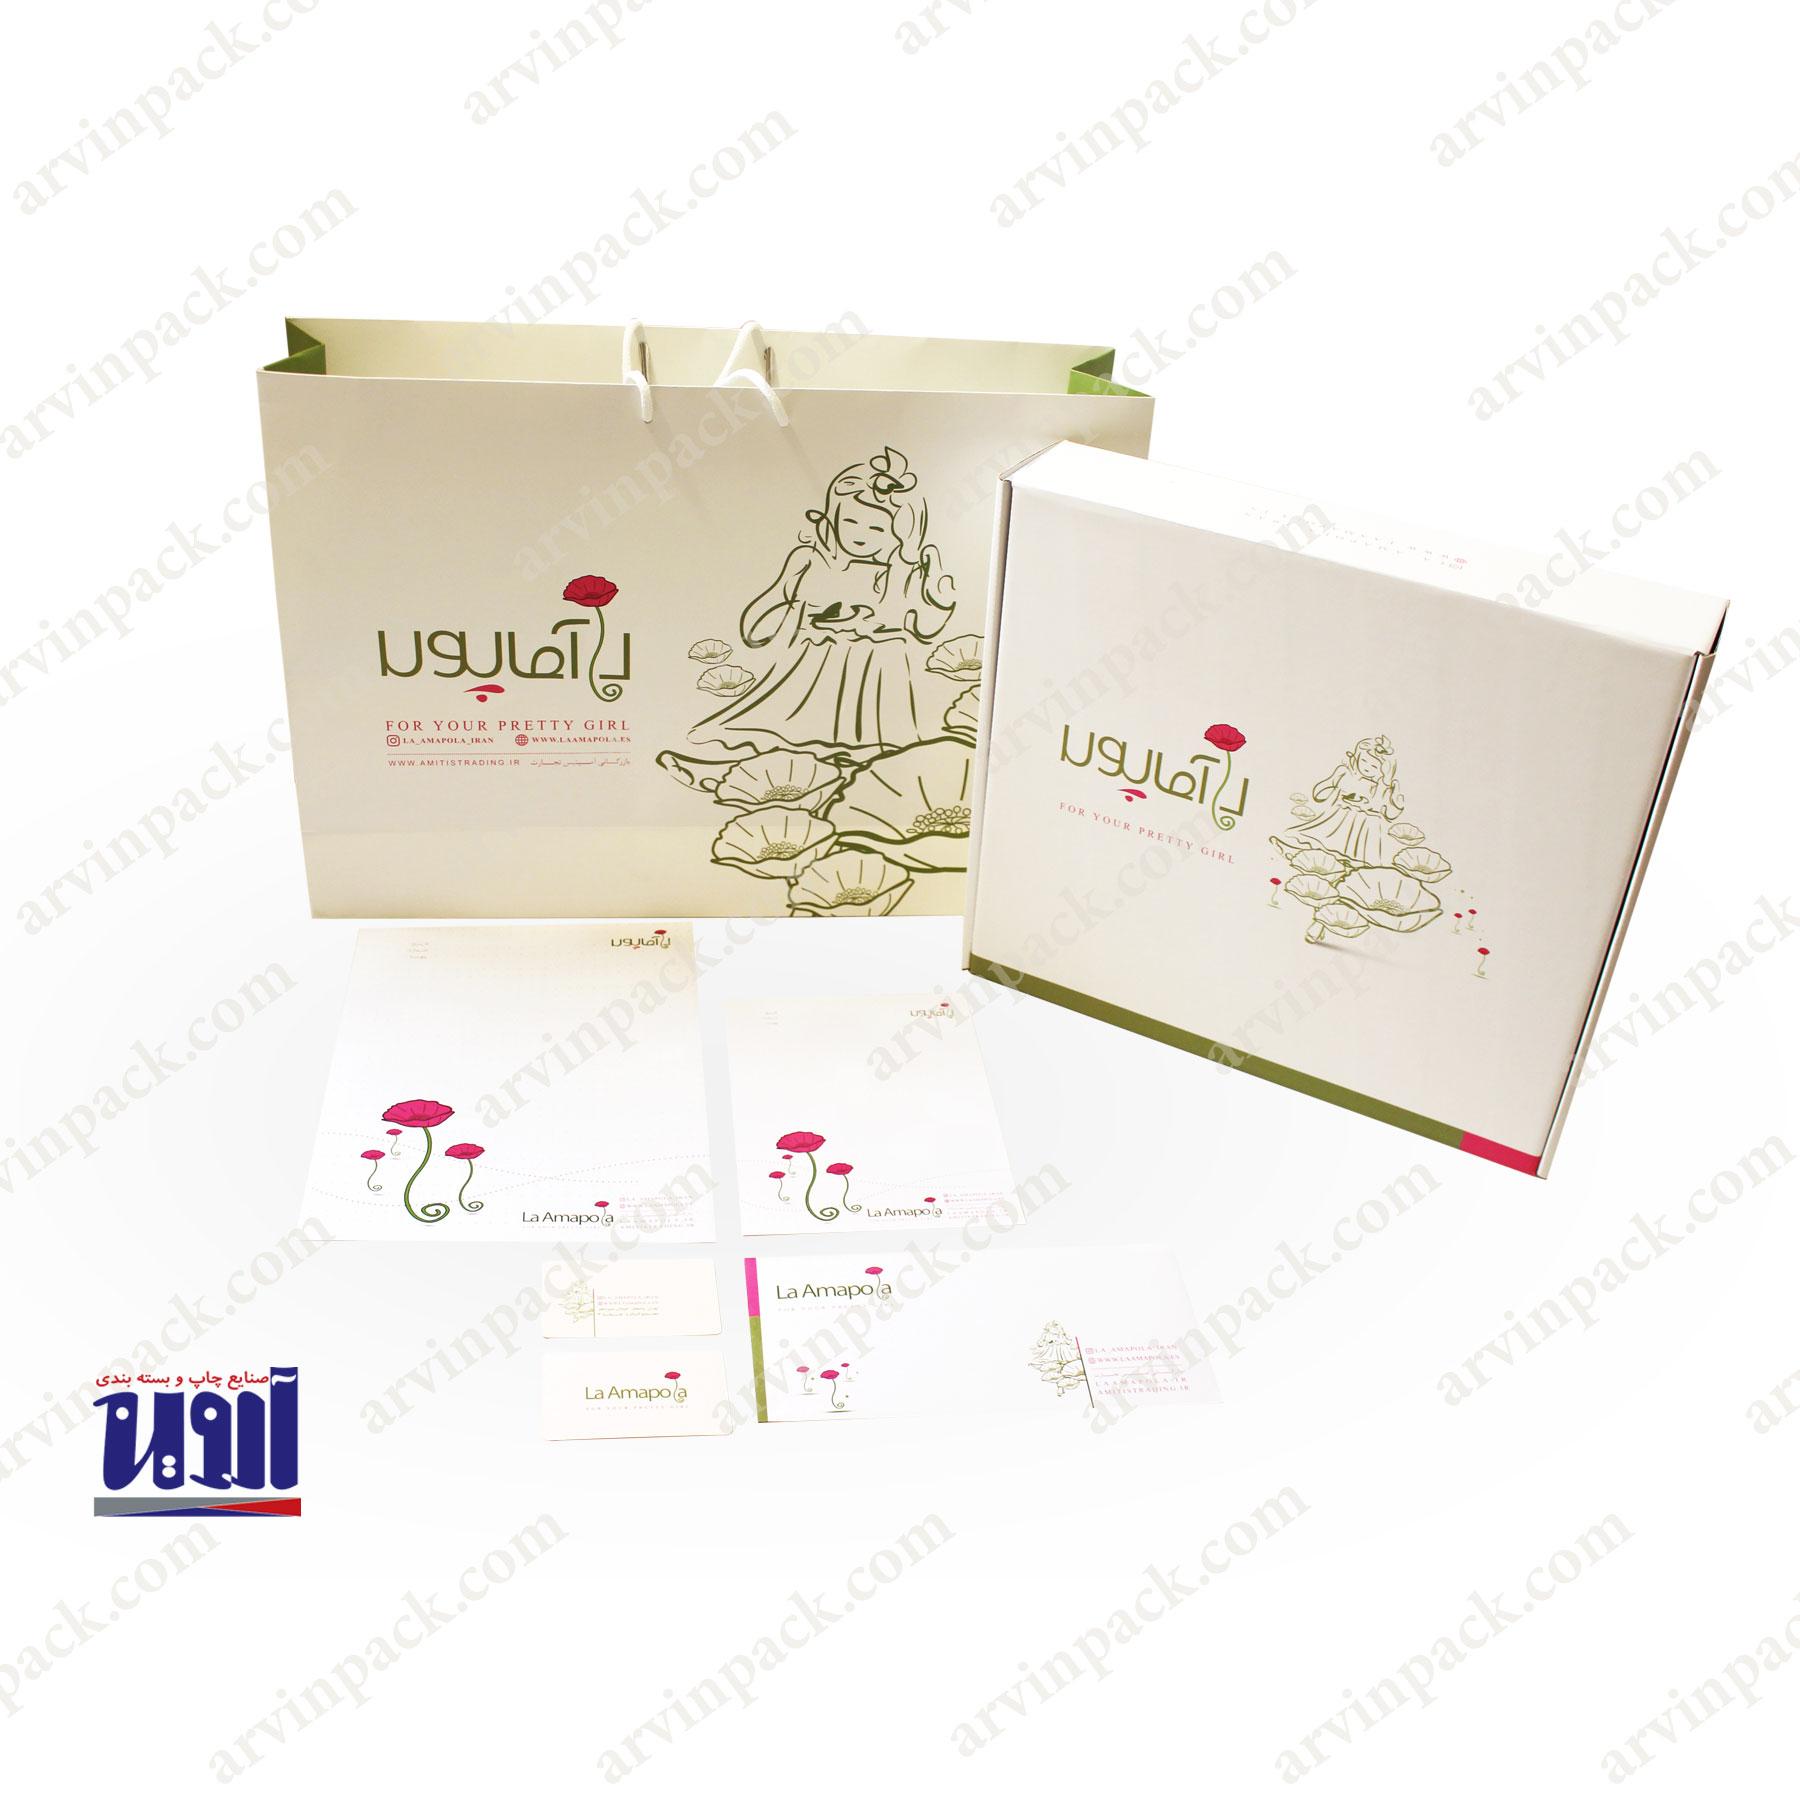 تولید جعبه لباس لاآموپولا ، جعبه سازی و تولید جعبه لمینیتی